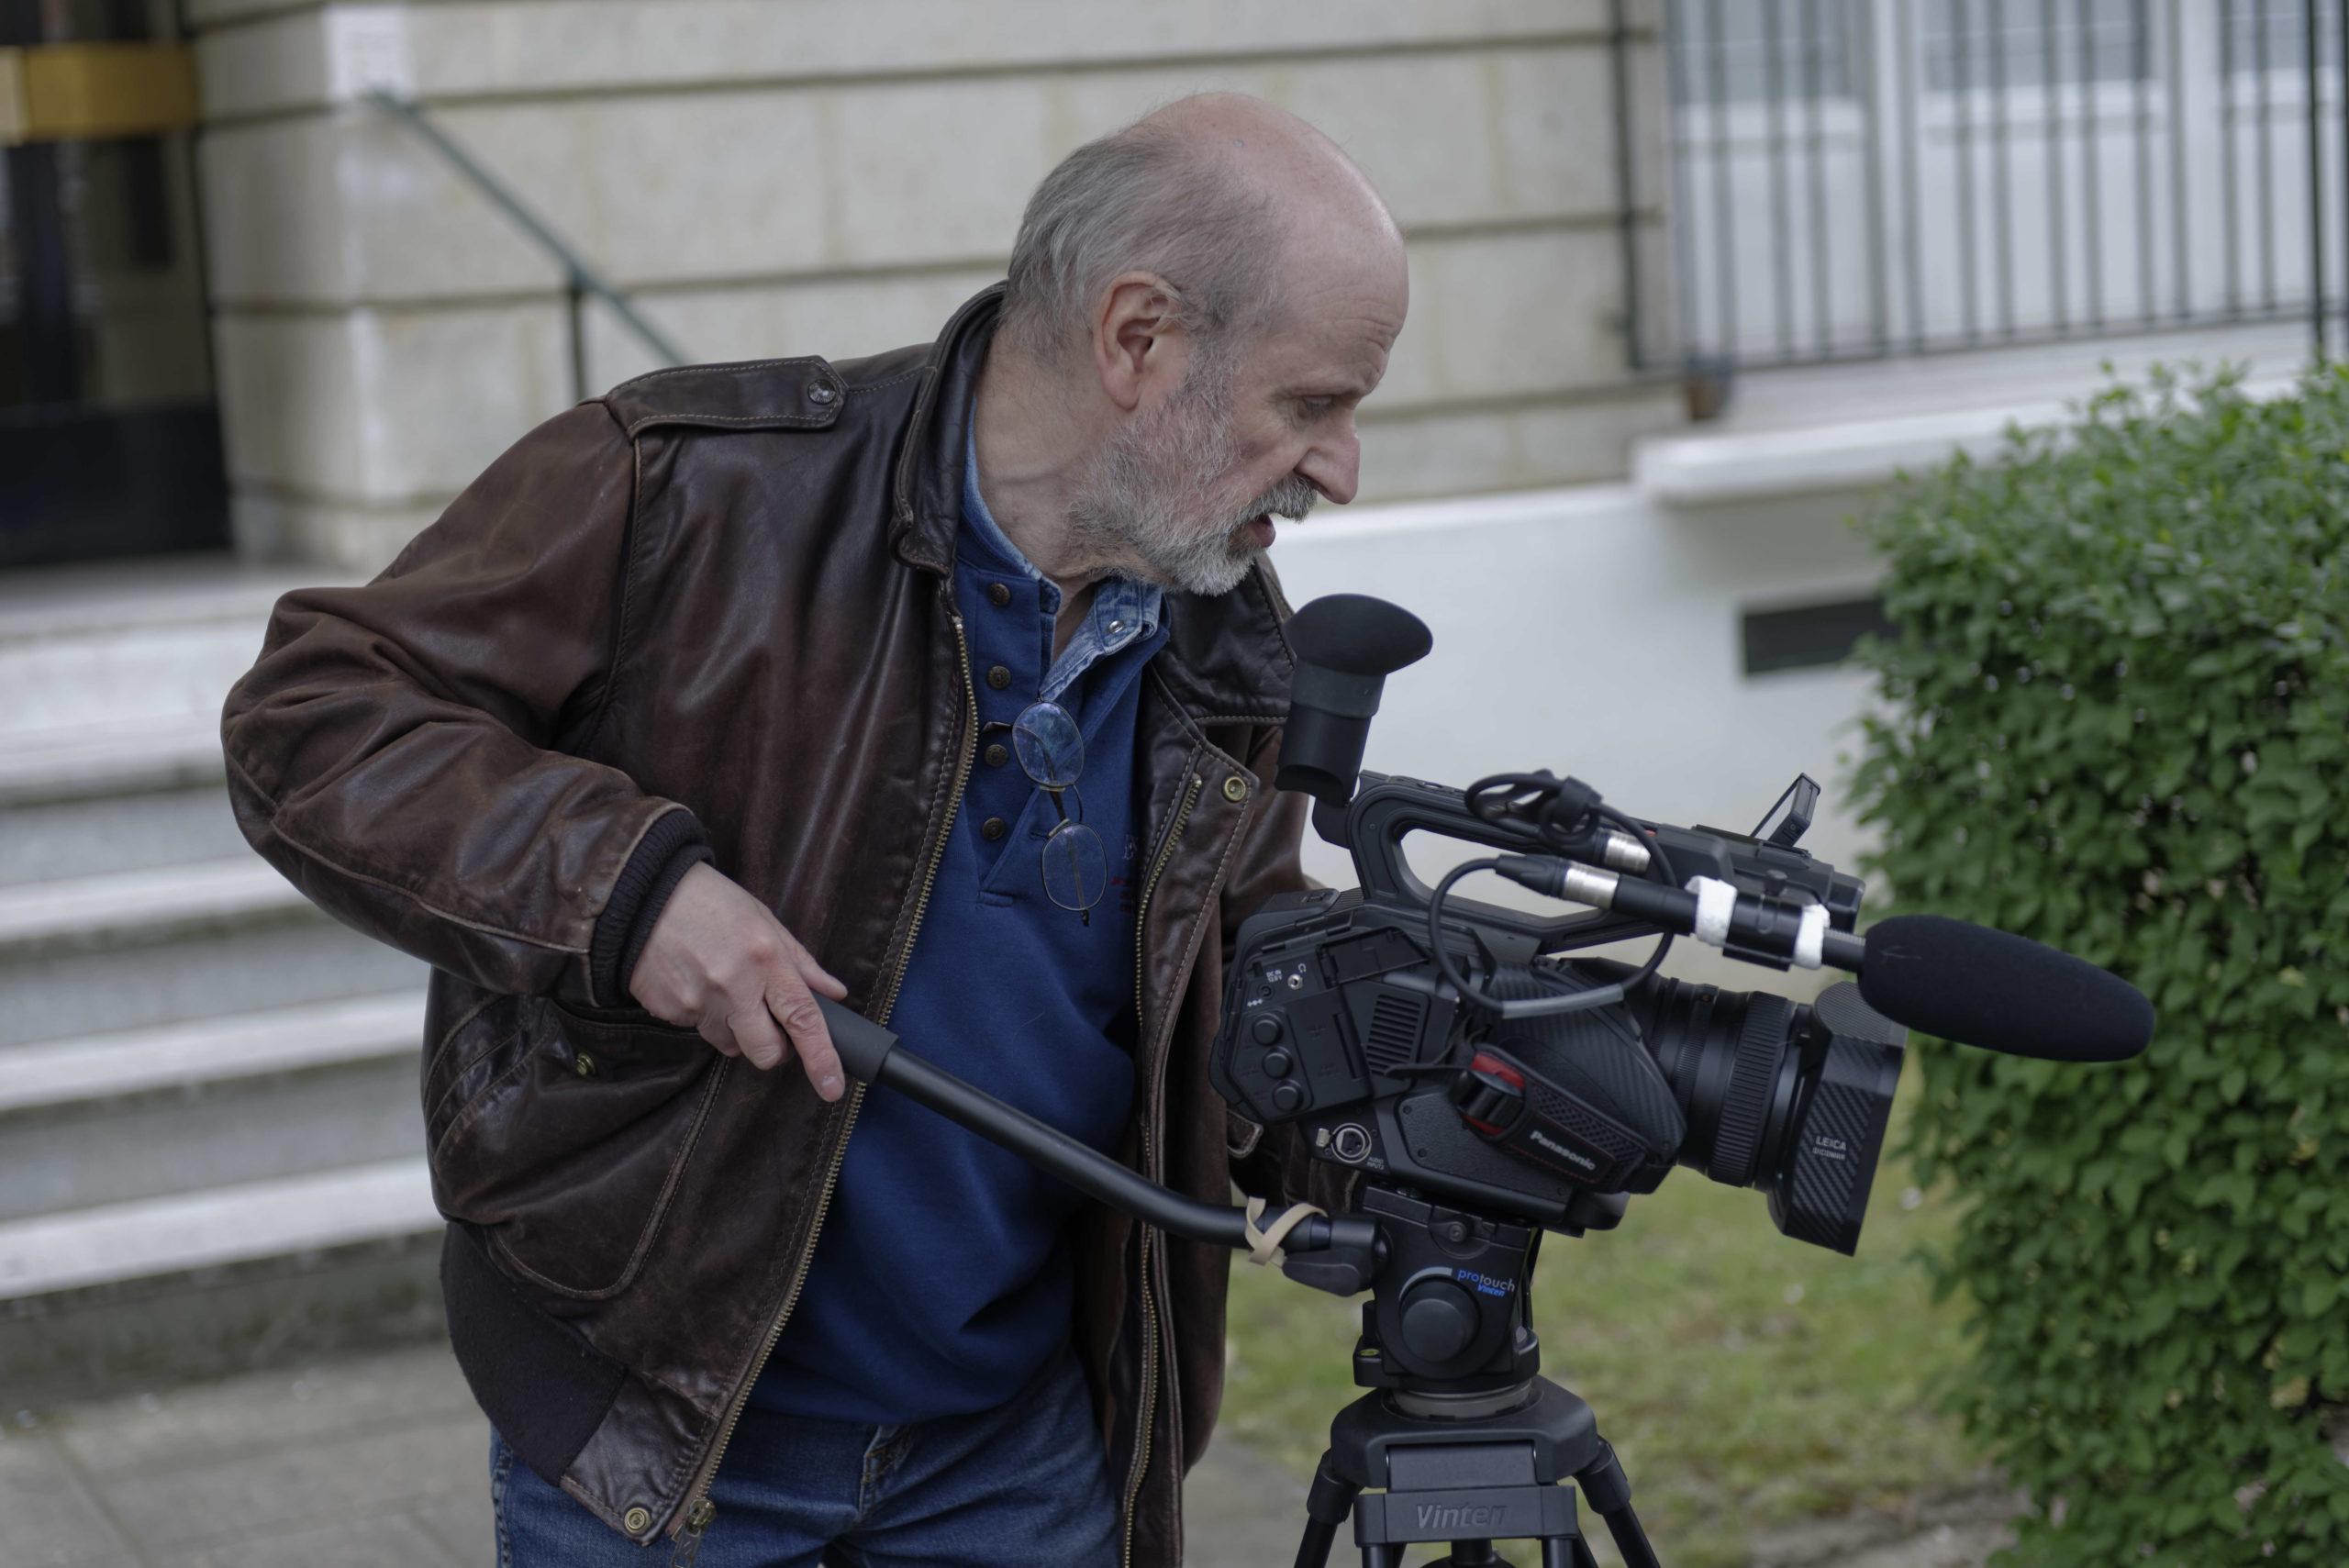 Pere et impair photos tournage 29